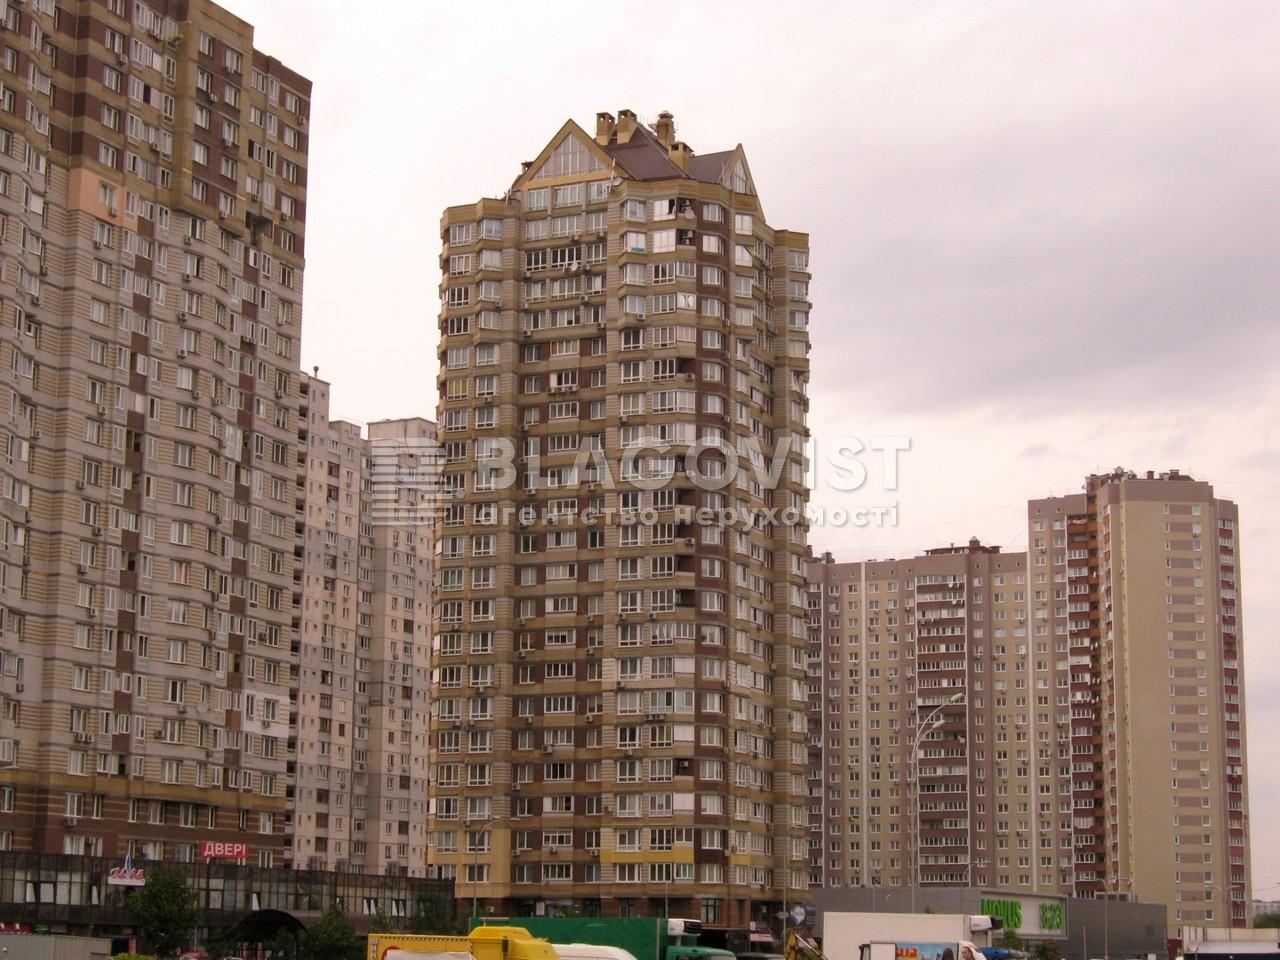 Квартира F-15249, Григоренко Петра просп., 20, Киев - Фото 1